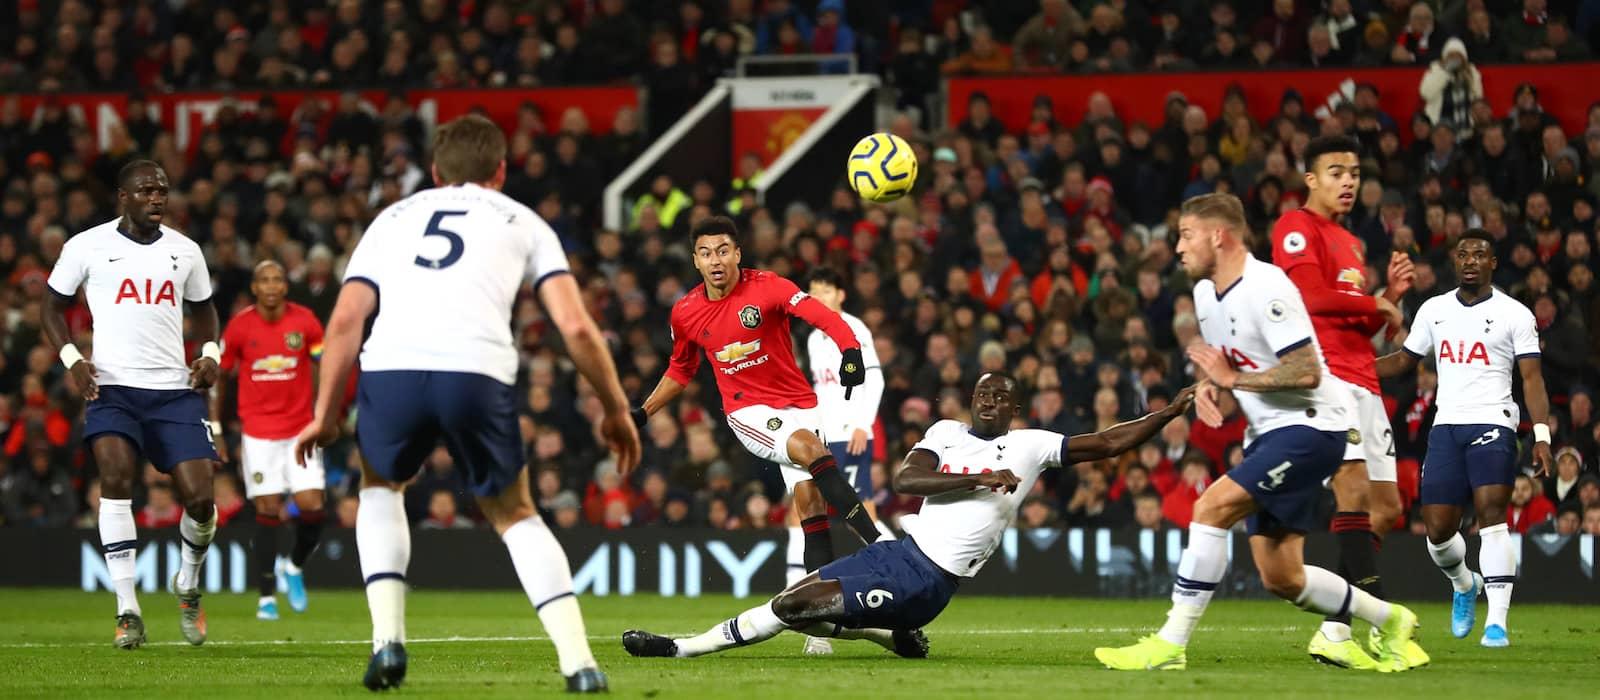 Manchester United fans gushing over Marcus Rashford's performance vs. Tottenham Hotspur